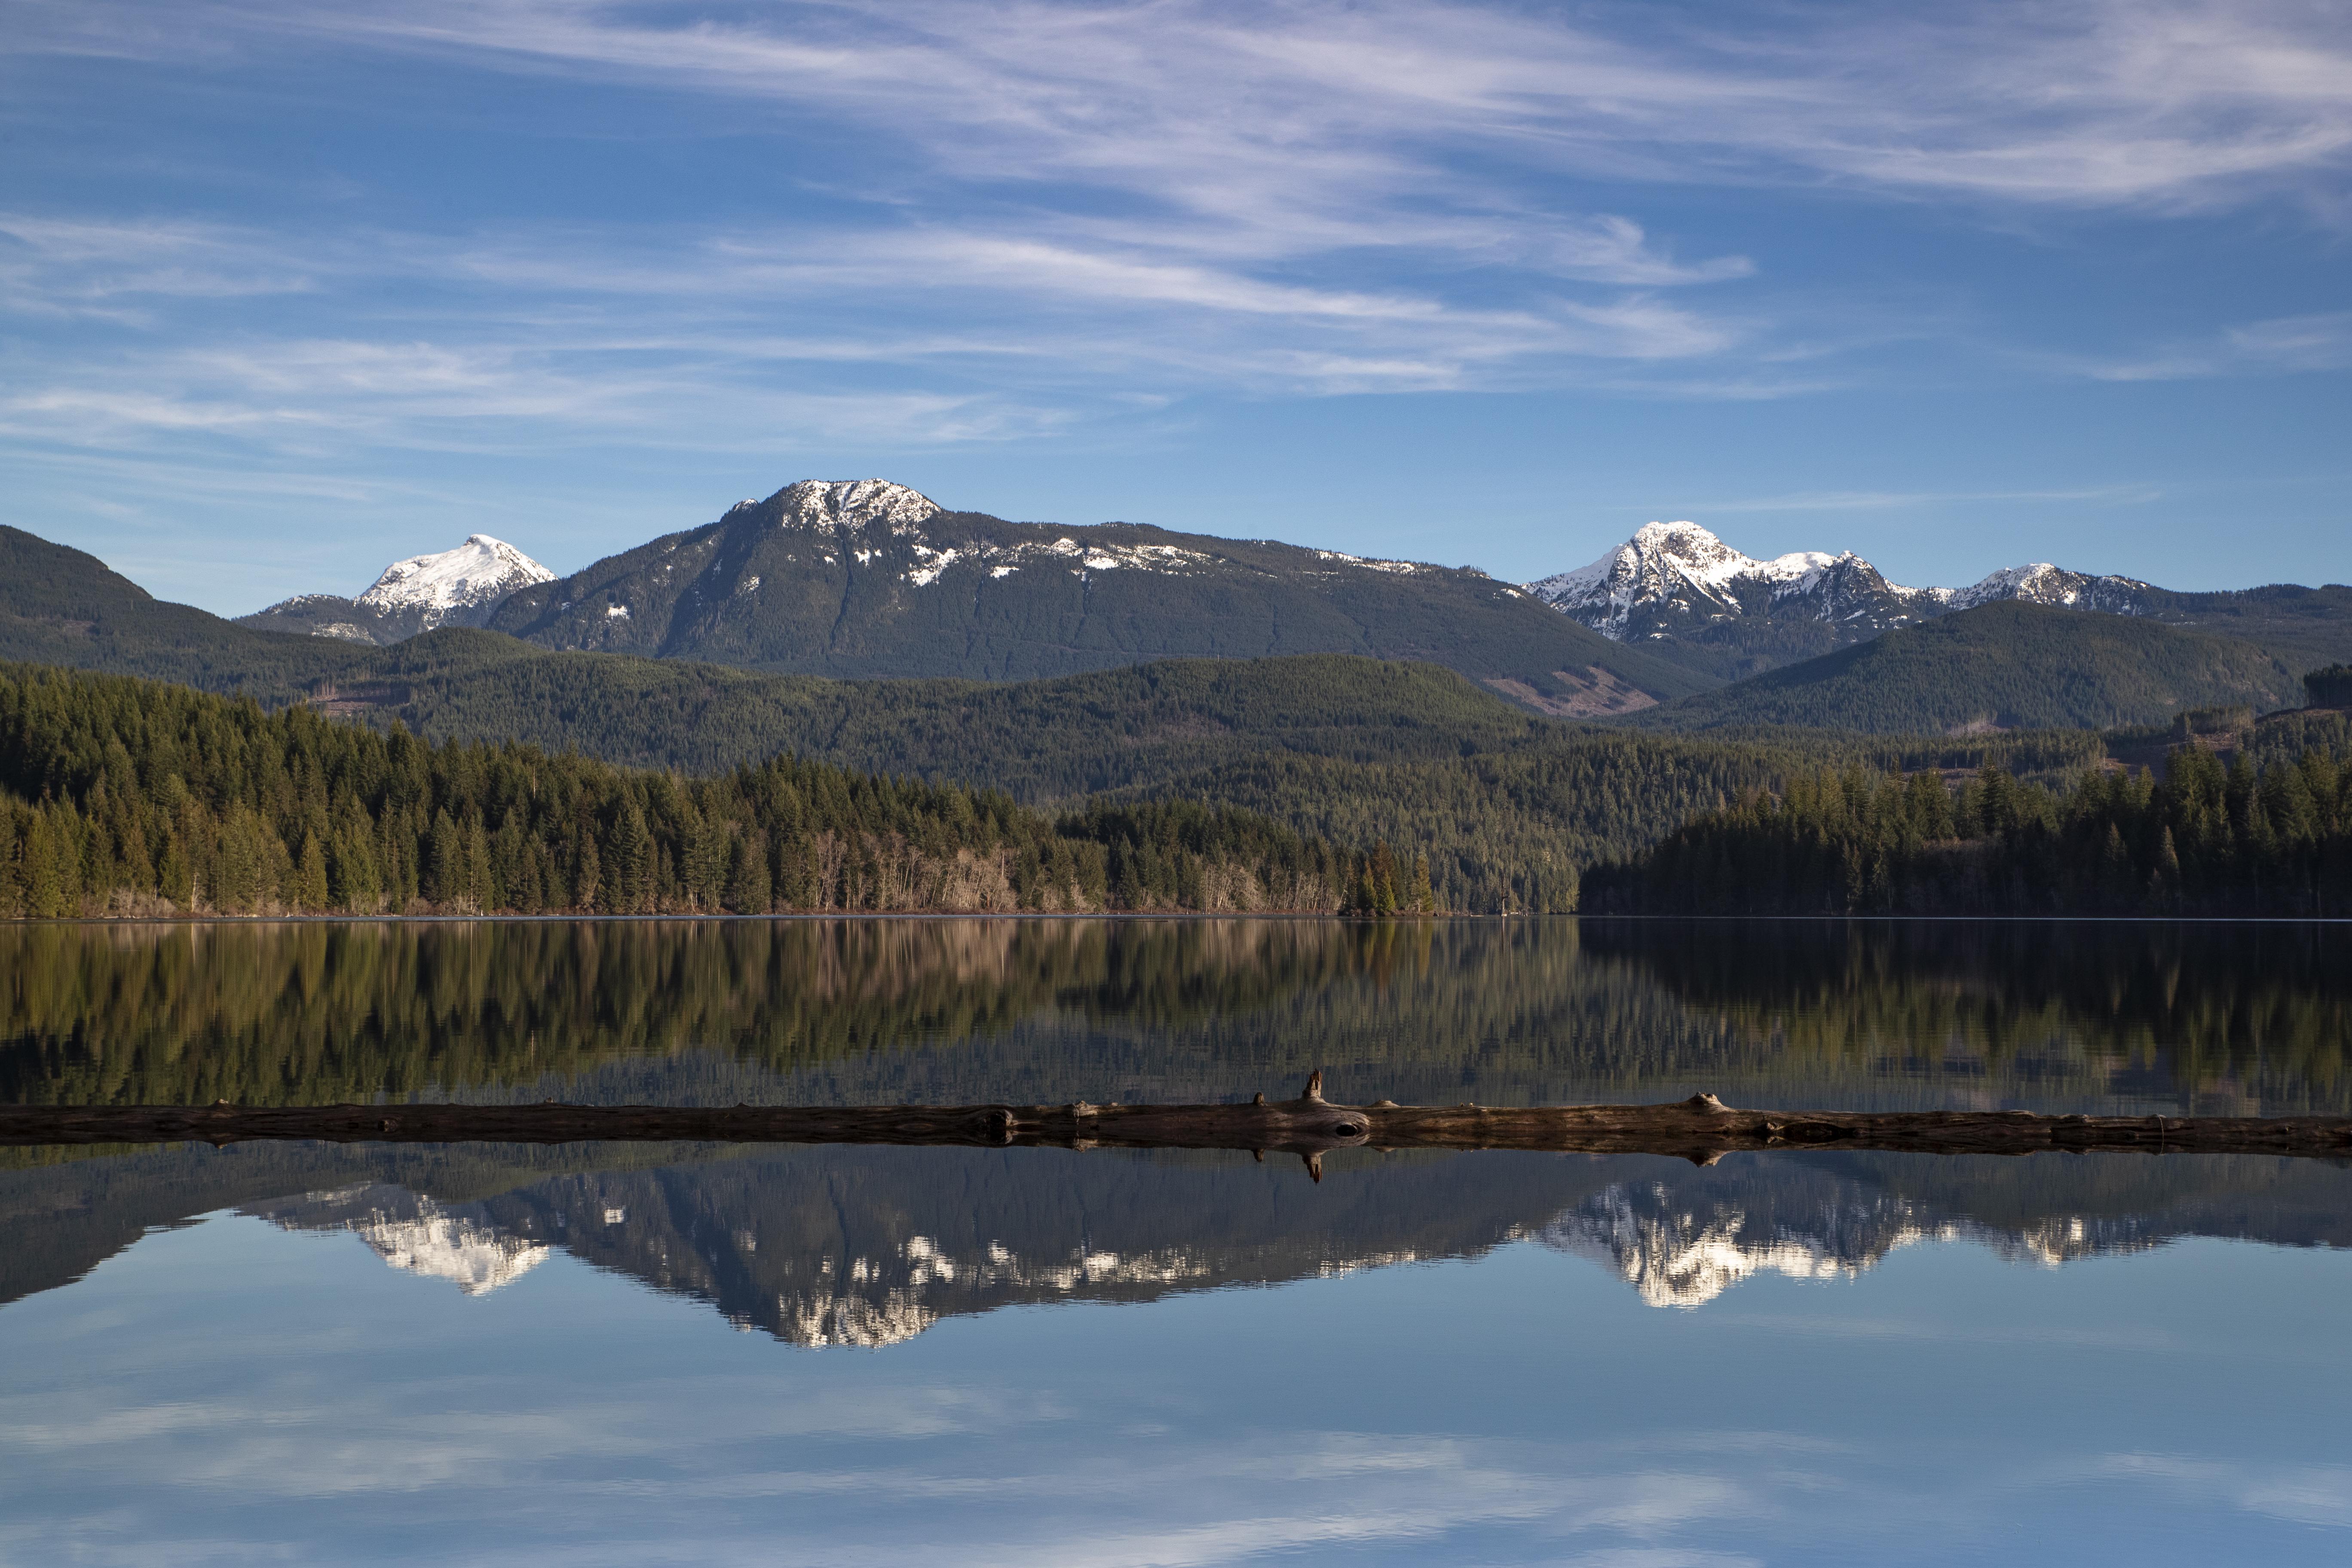 Nanton Lake